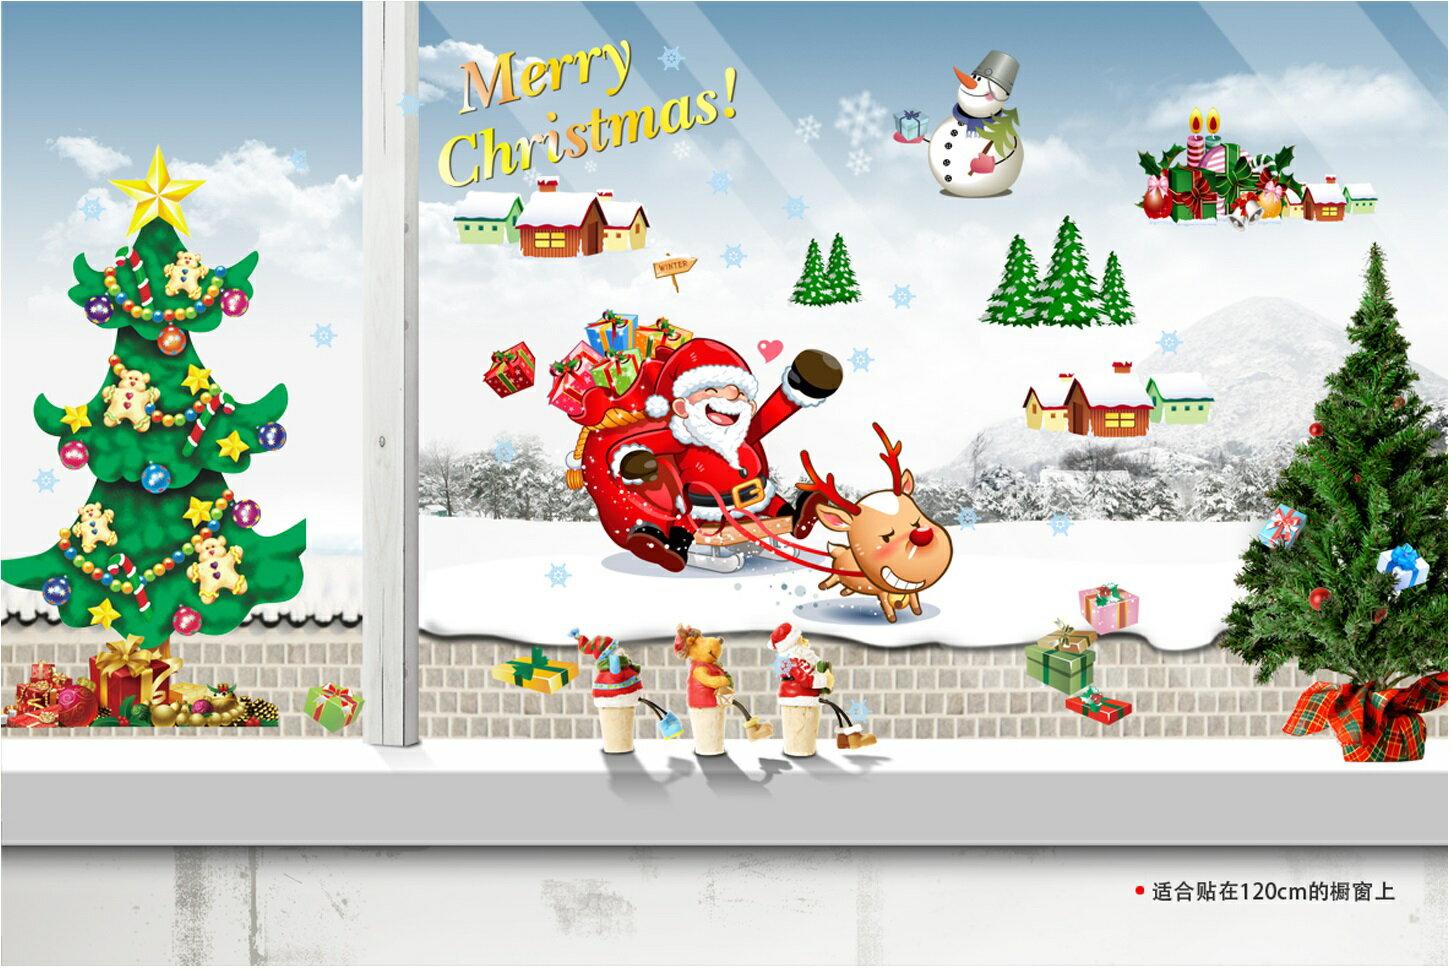 【壁貼王國】 耶誕系列 無痕壁貼 《聖誕老公公 - AY767》